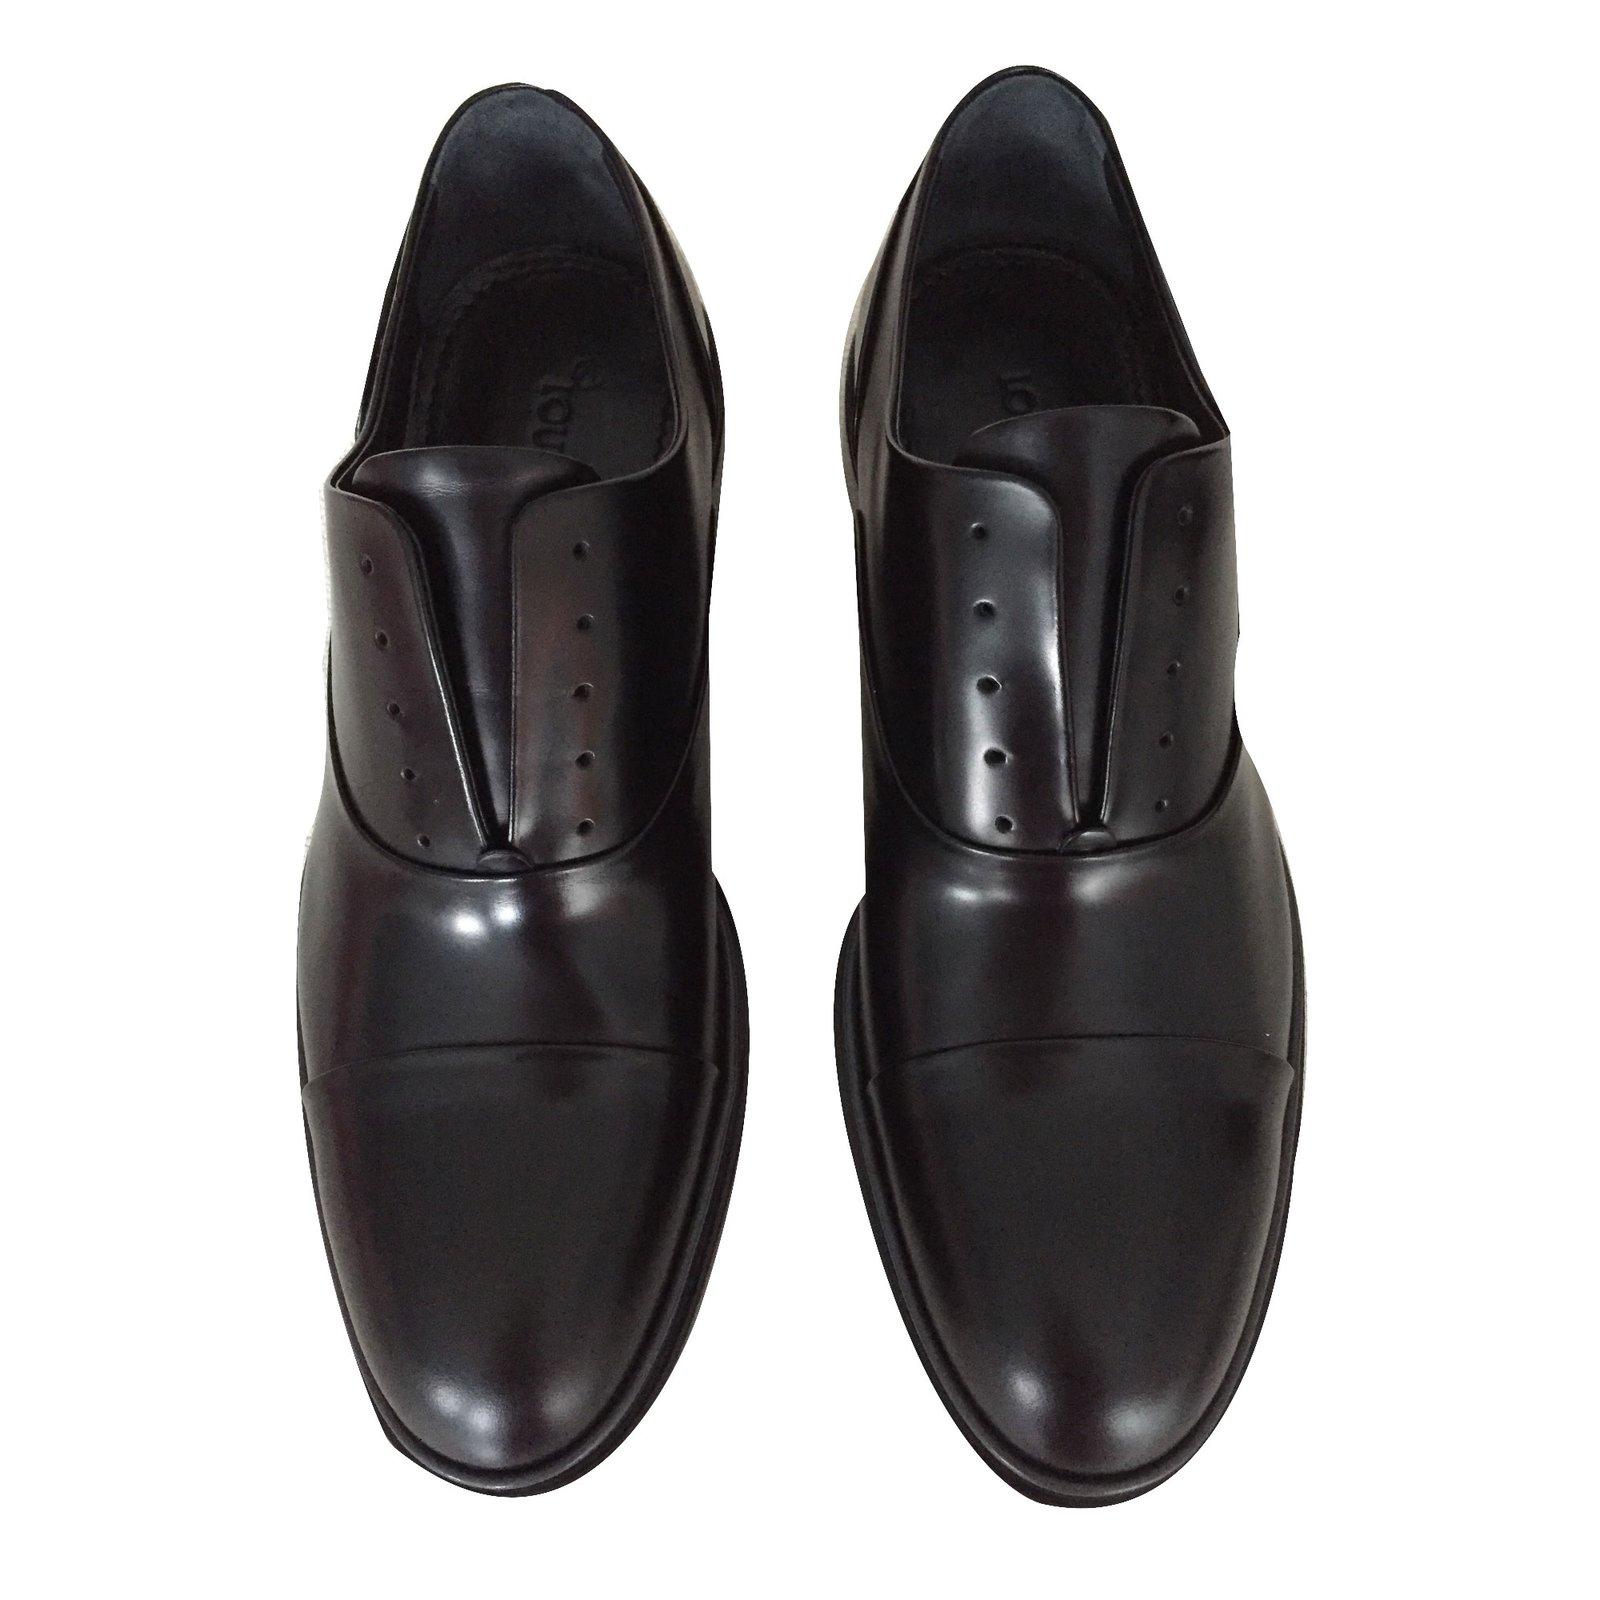 a9d4d16b6220 chaussures richelieu louis vuitton prix